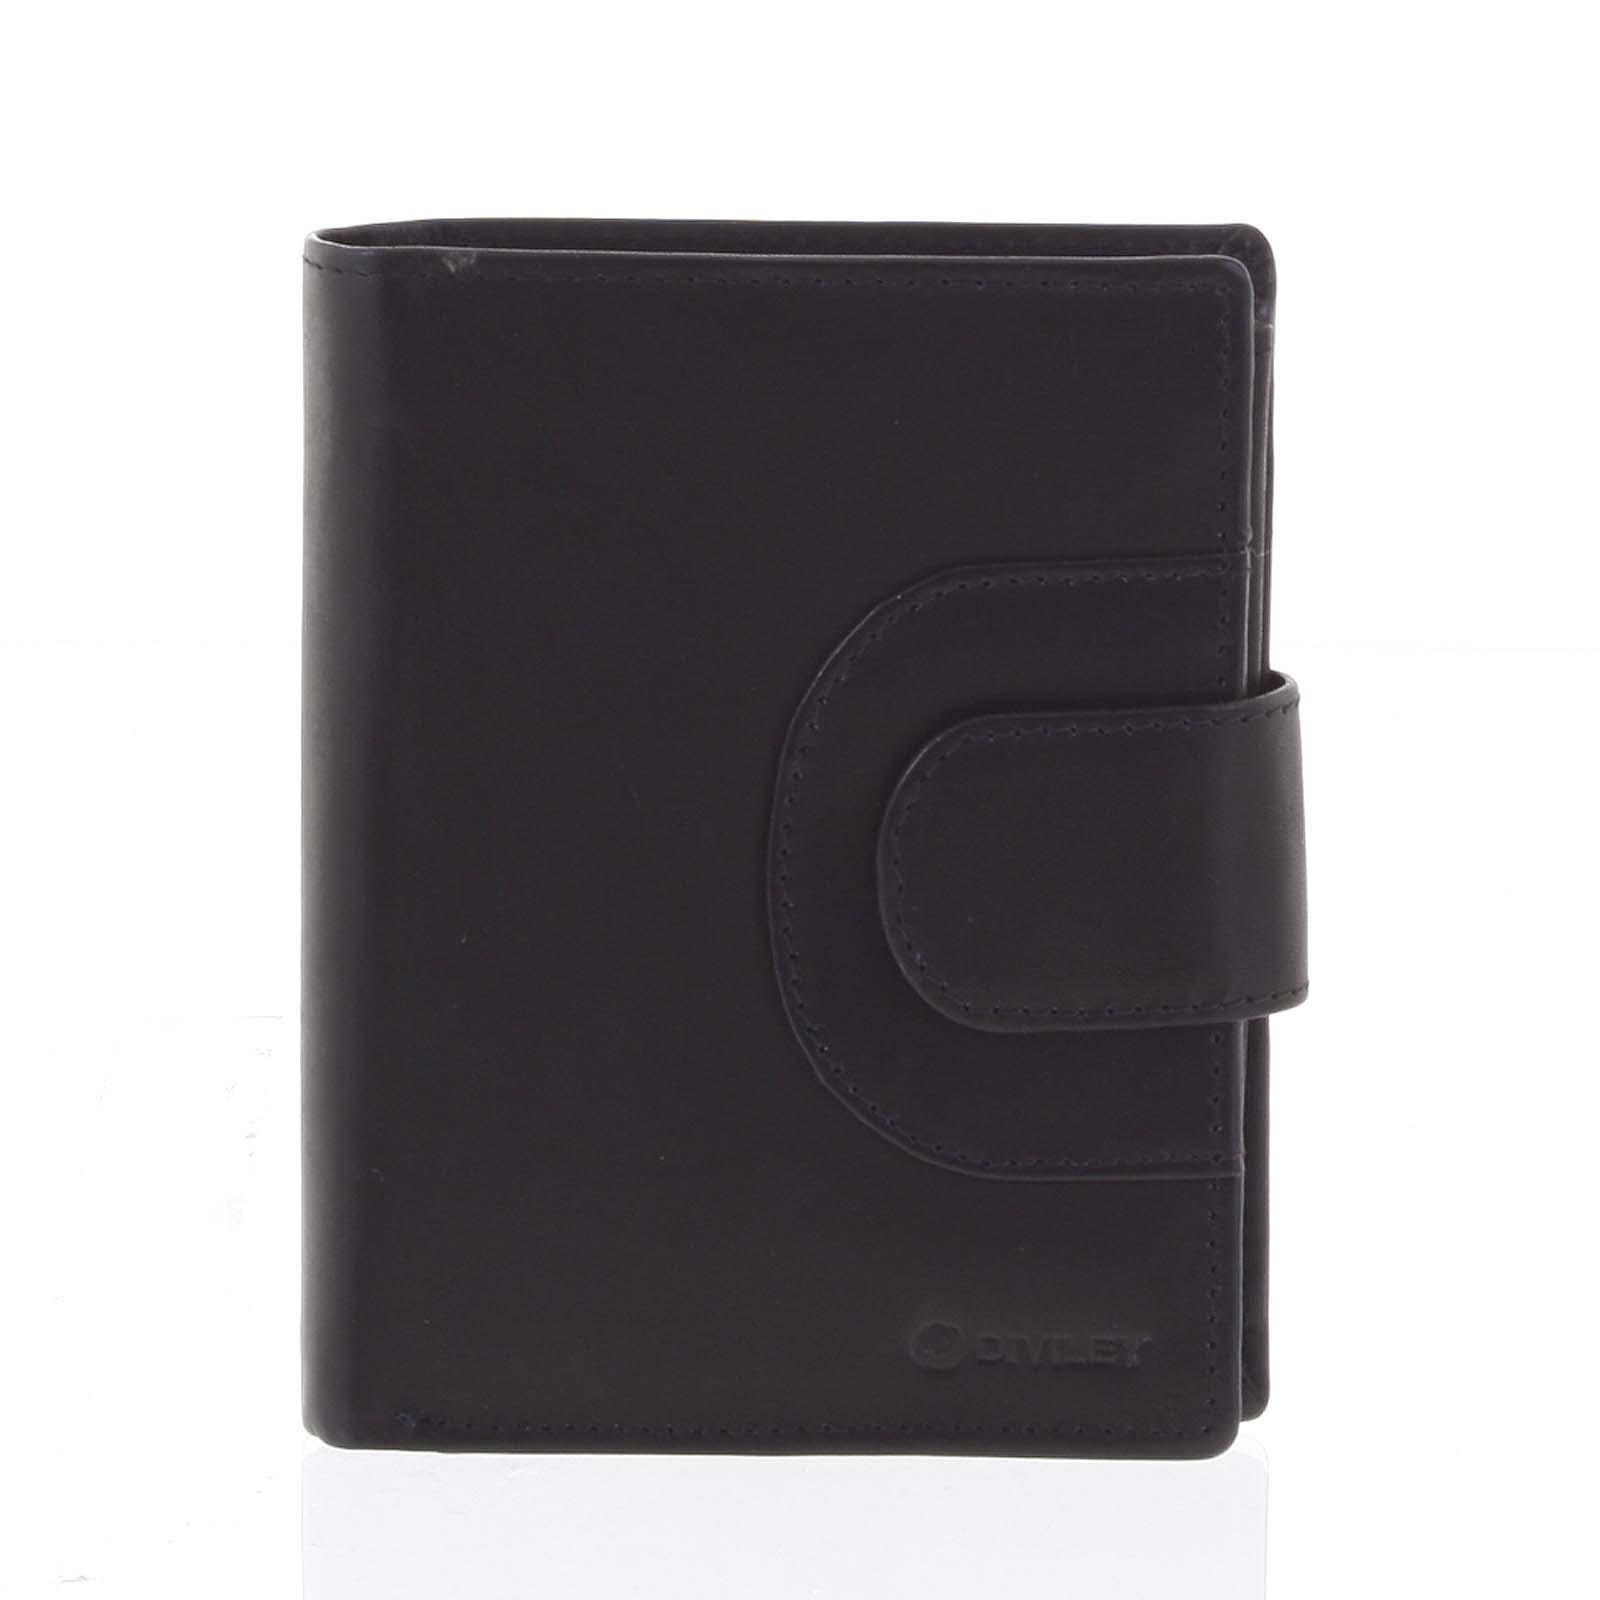 Pánska kožená prešívaná peňaženka čierna - Diviley Universe čierna